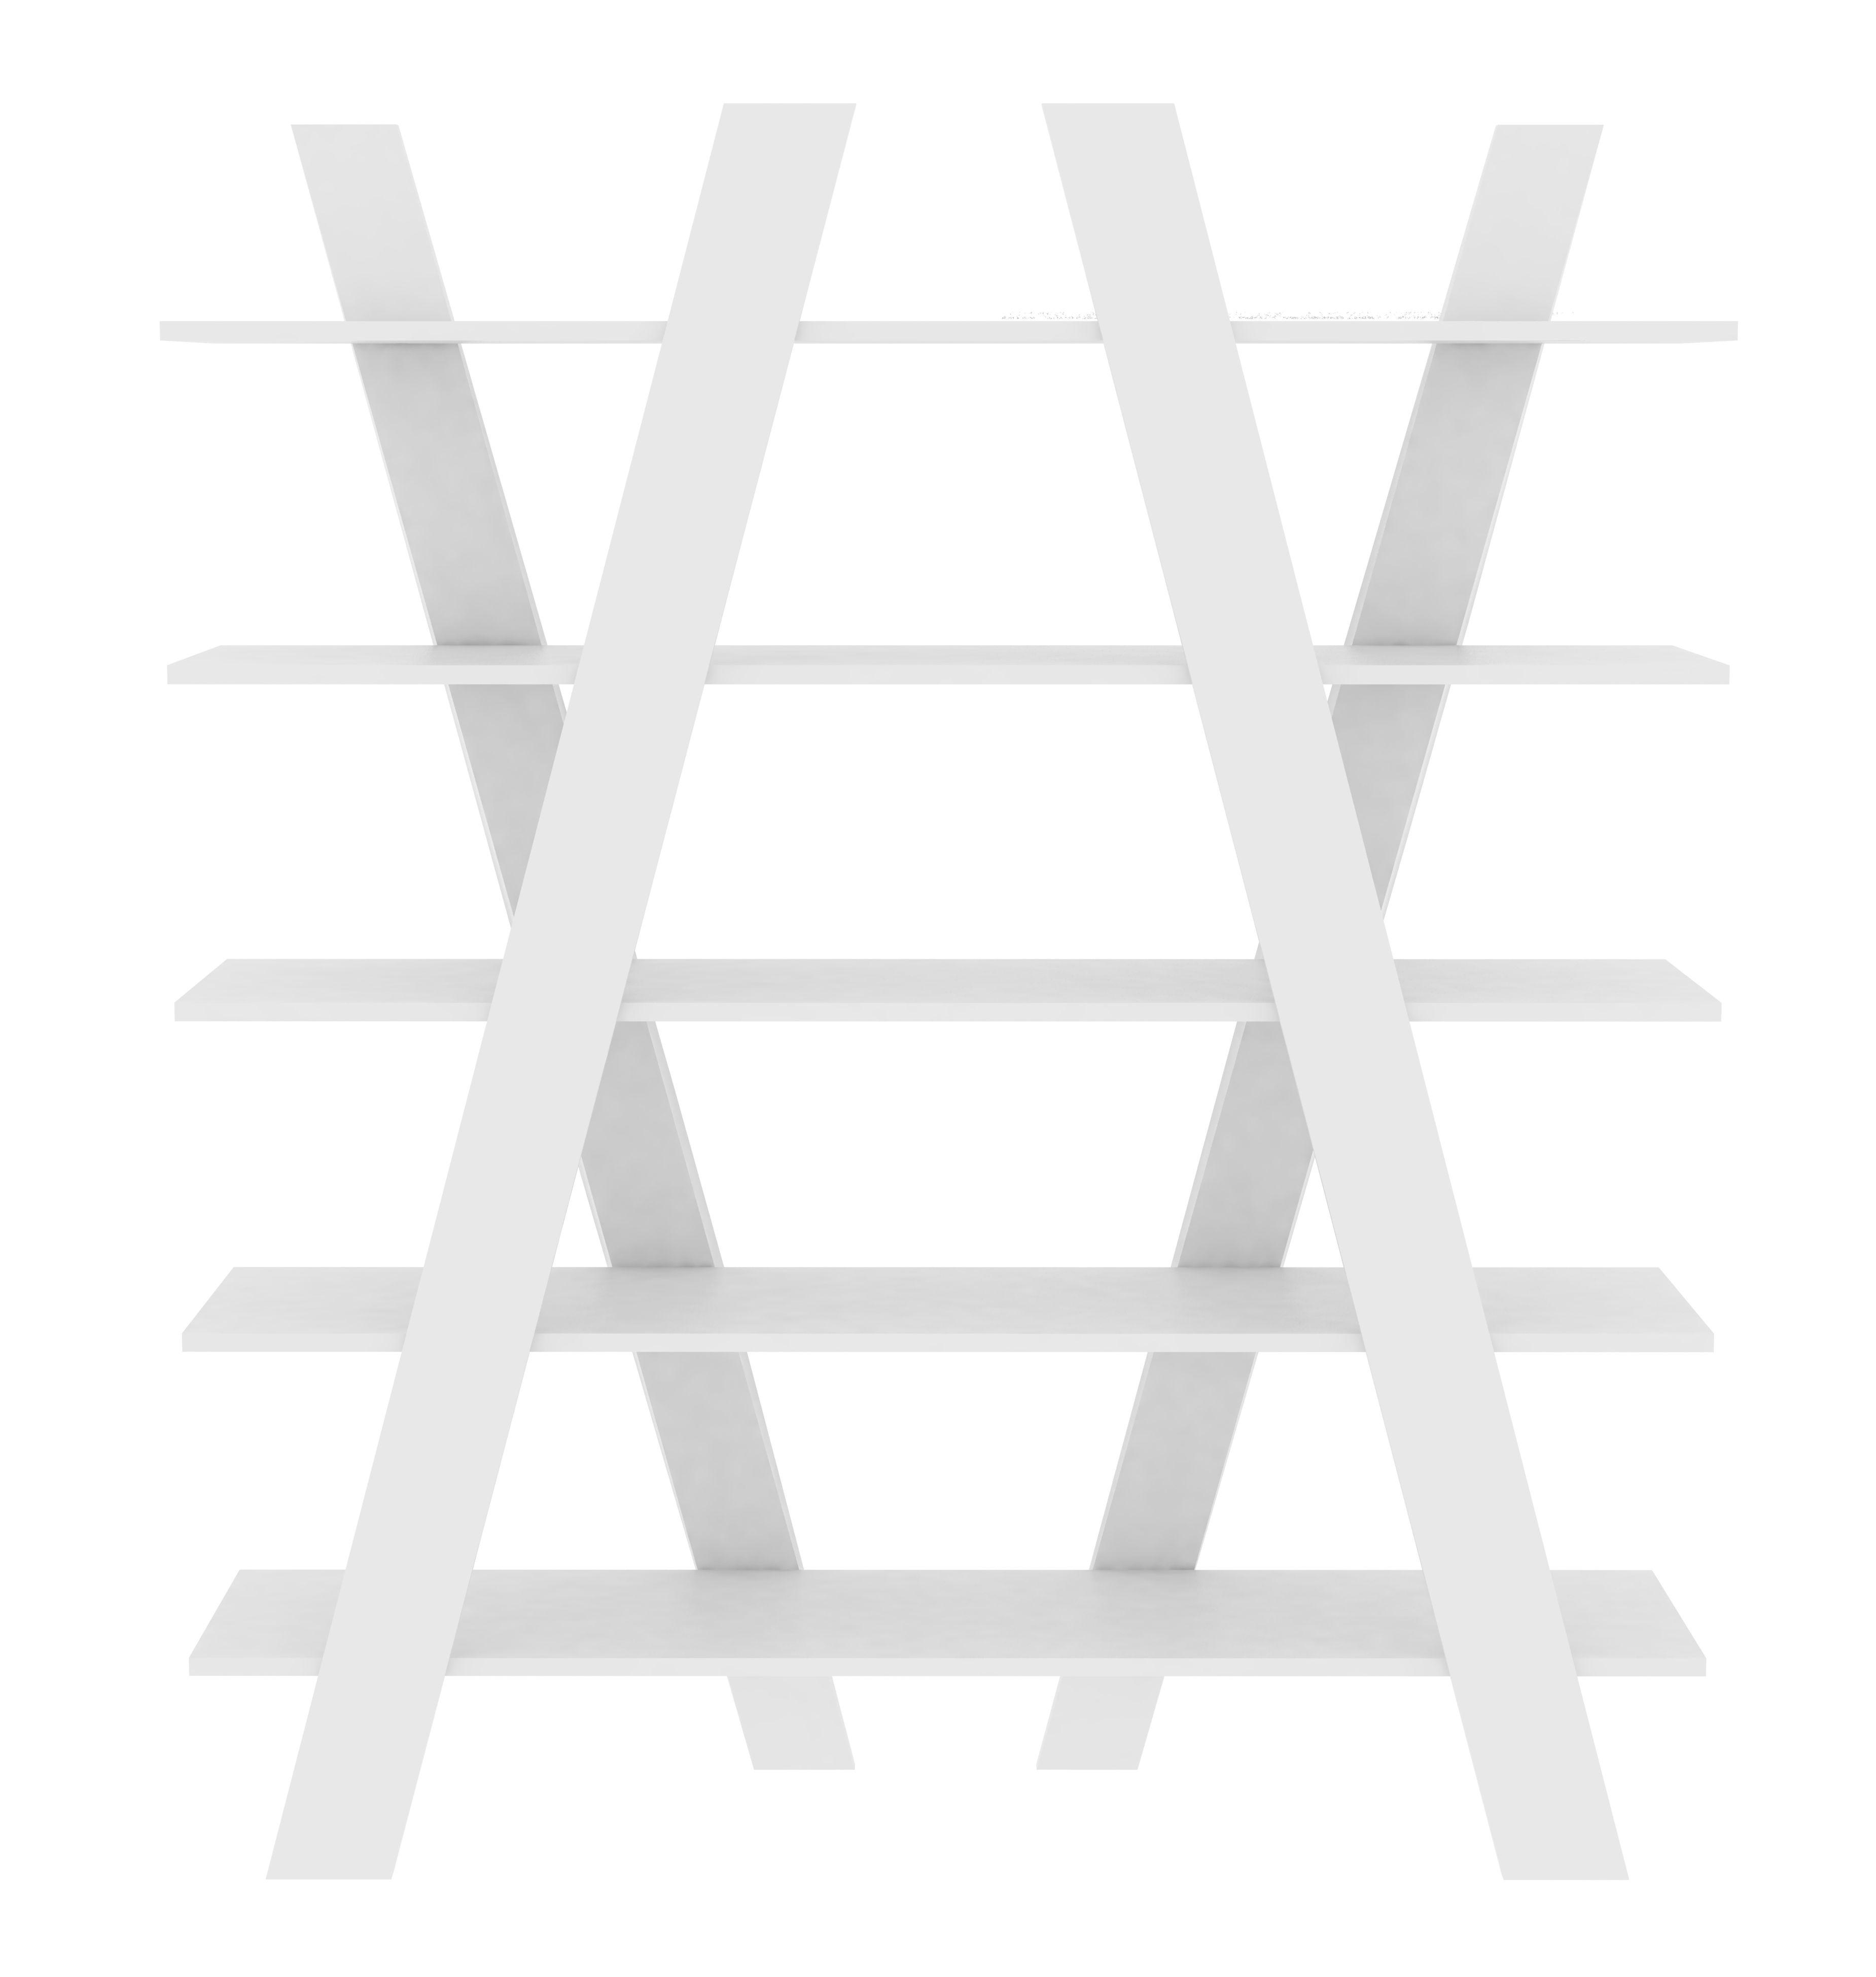 Mobilier - Etagères & bibliothèques - Bibliothèque Cross / L 156 x H 160 cm - POP UP HOME - Blanc mat - Aggloméré peint